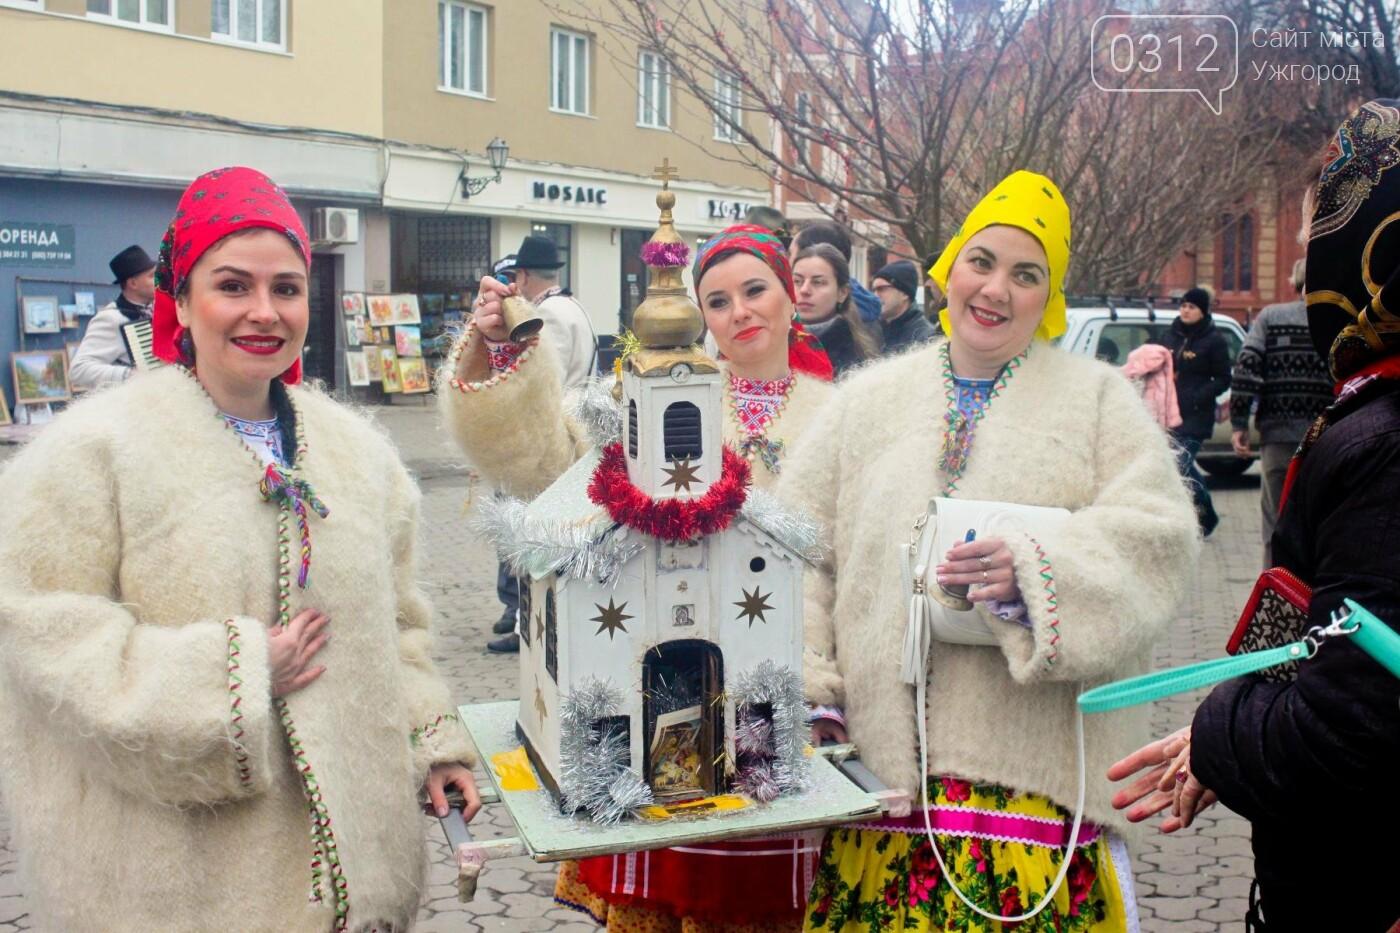 """Міжнародний фестиваль """"Василля"""" в Ужгороді: колоритні вертепи, гучні пісні та """"шара"""" для виноробів (ФОТОРЕПОРТАЖ), фото-14"""